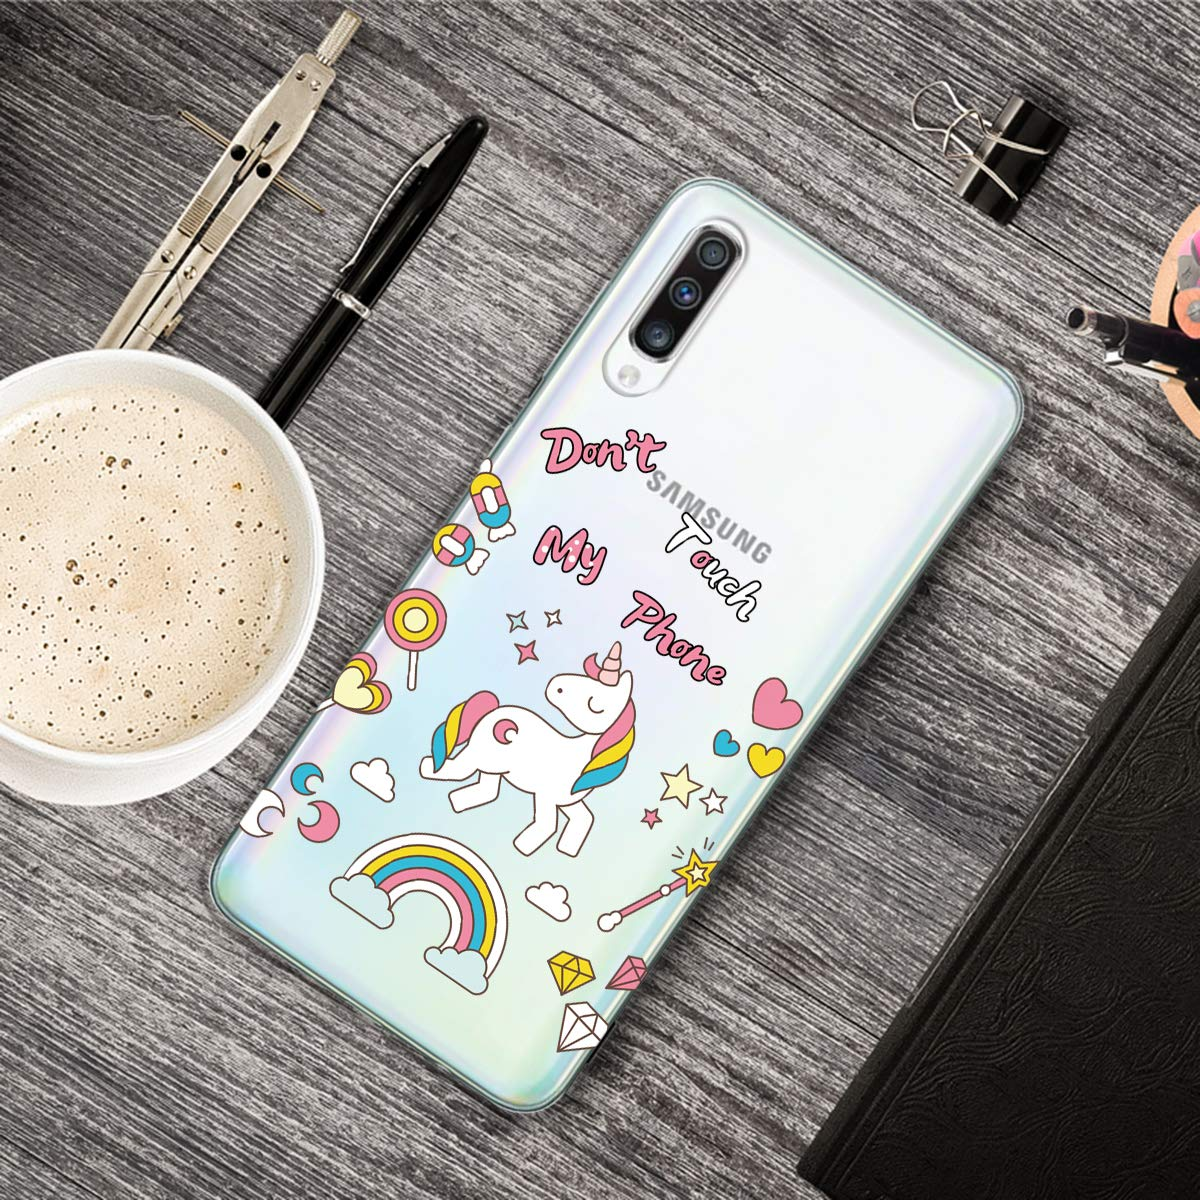 Gato DiaryTown Funda para Samsung Galaxy A50 2019,Silicona Ultra Fina Carcasa Transparente con Dibujos de Lindo Antigolpes Suave TPU Protector Parachoques Case Cover para Samsung A50 2019